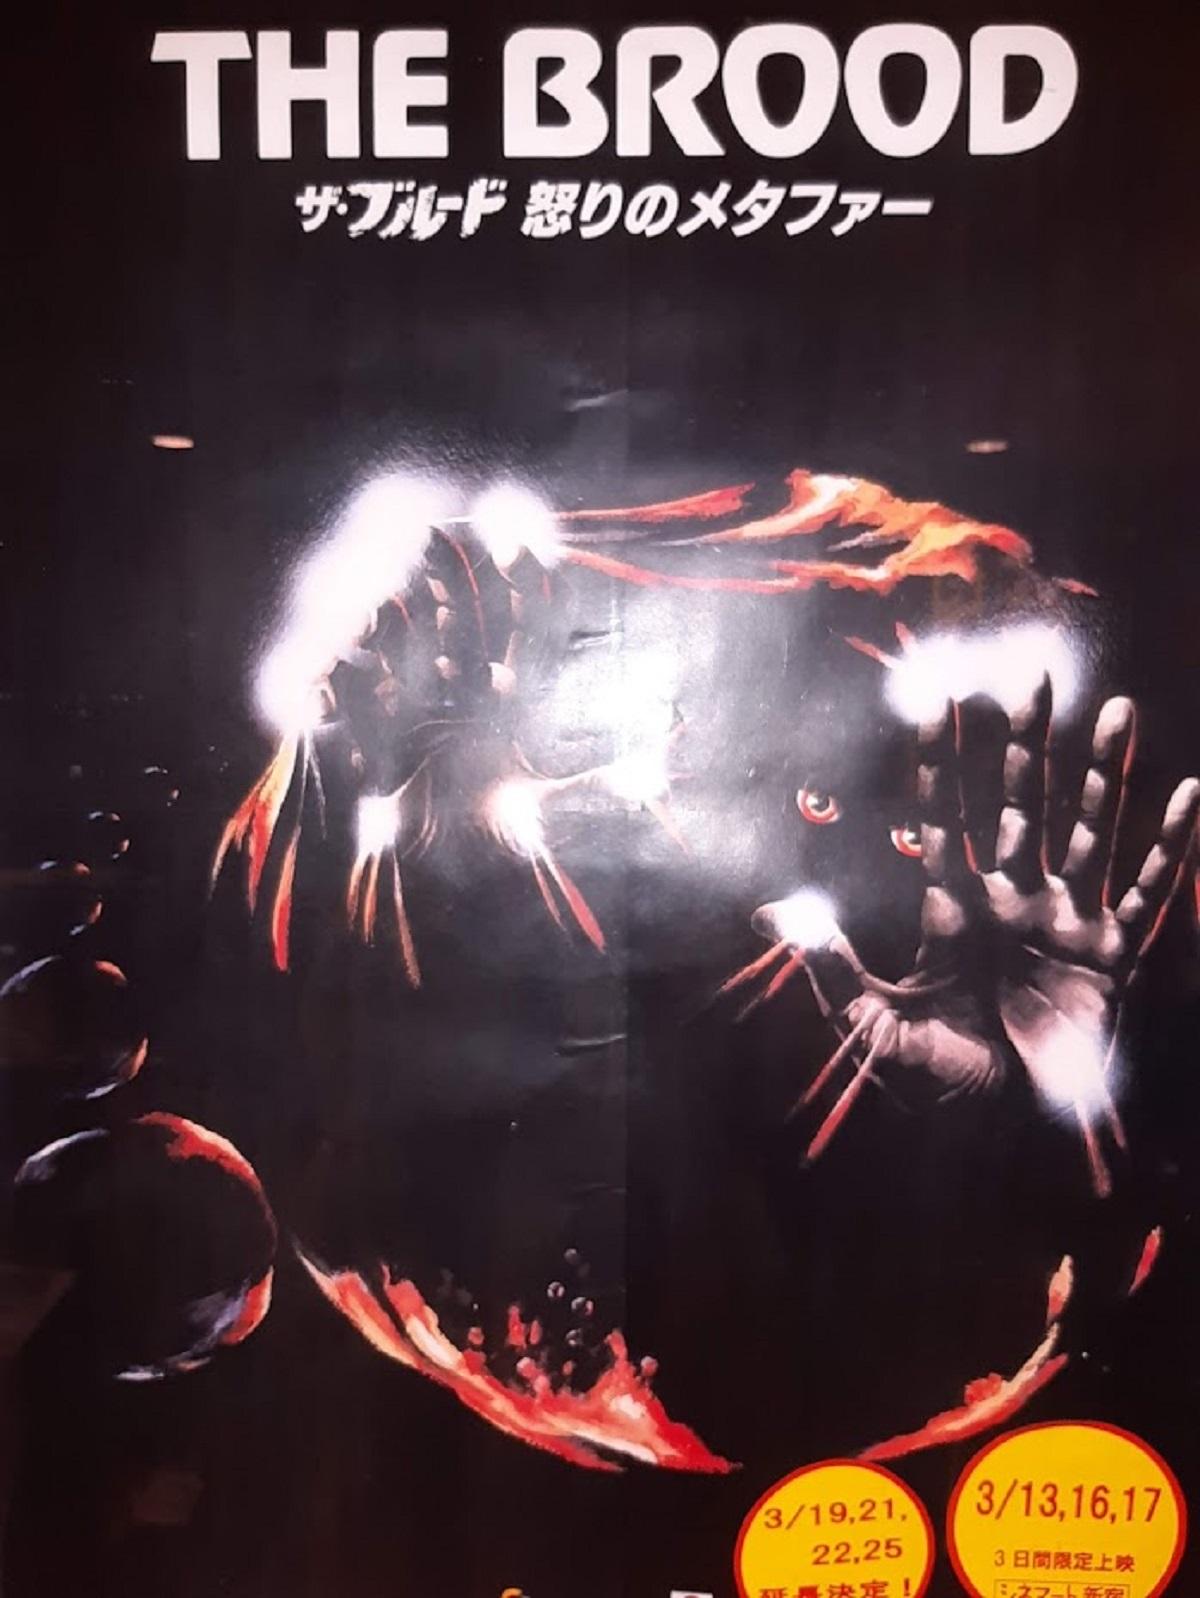 映画『ザ・ブルード 怒りのメタファー』のポスター